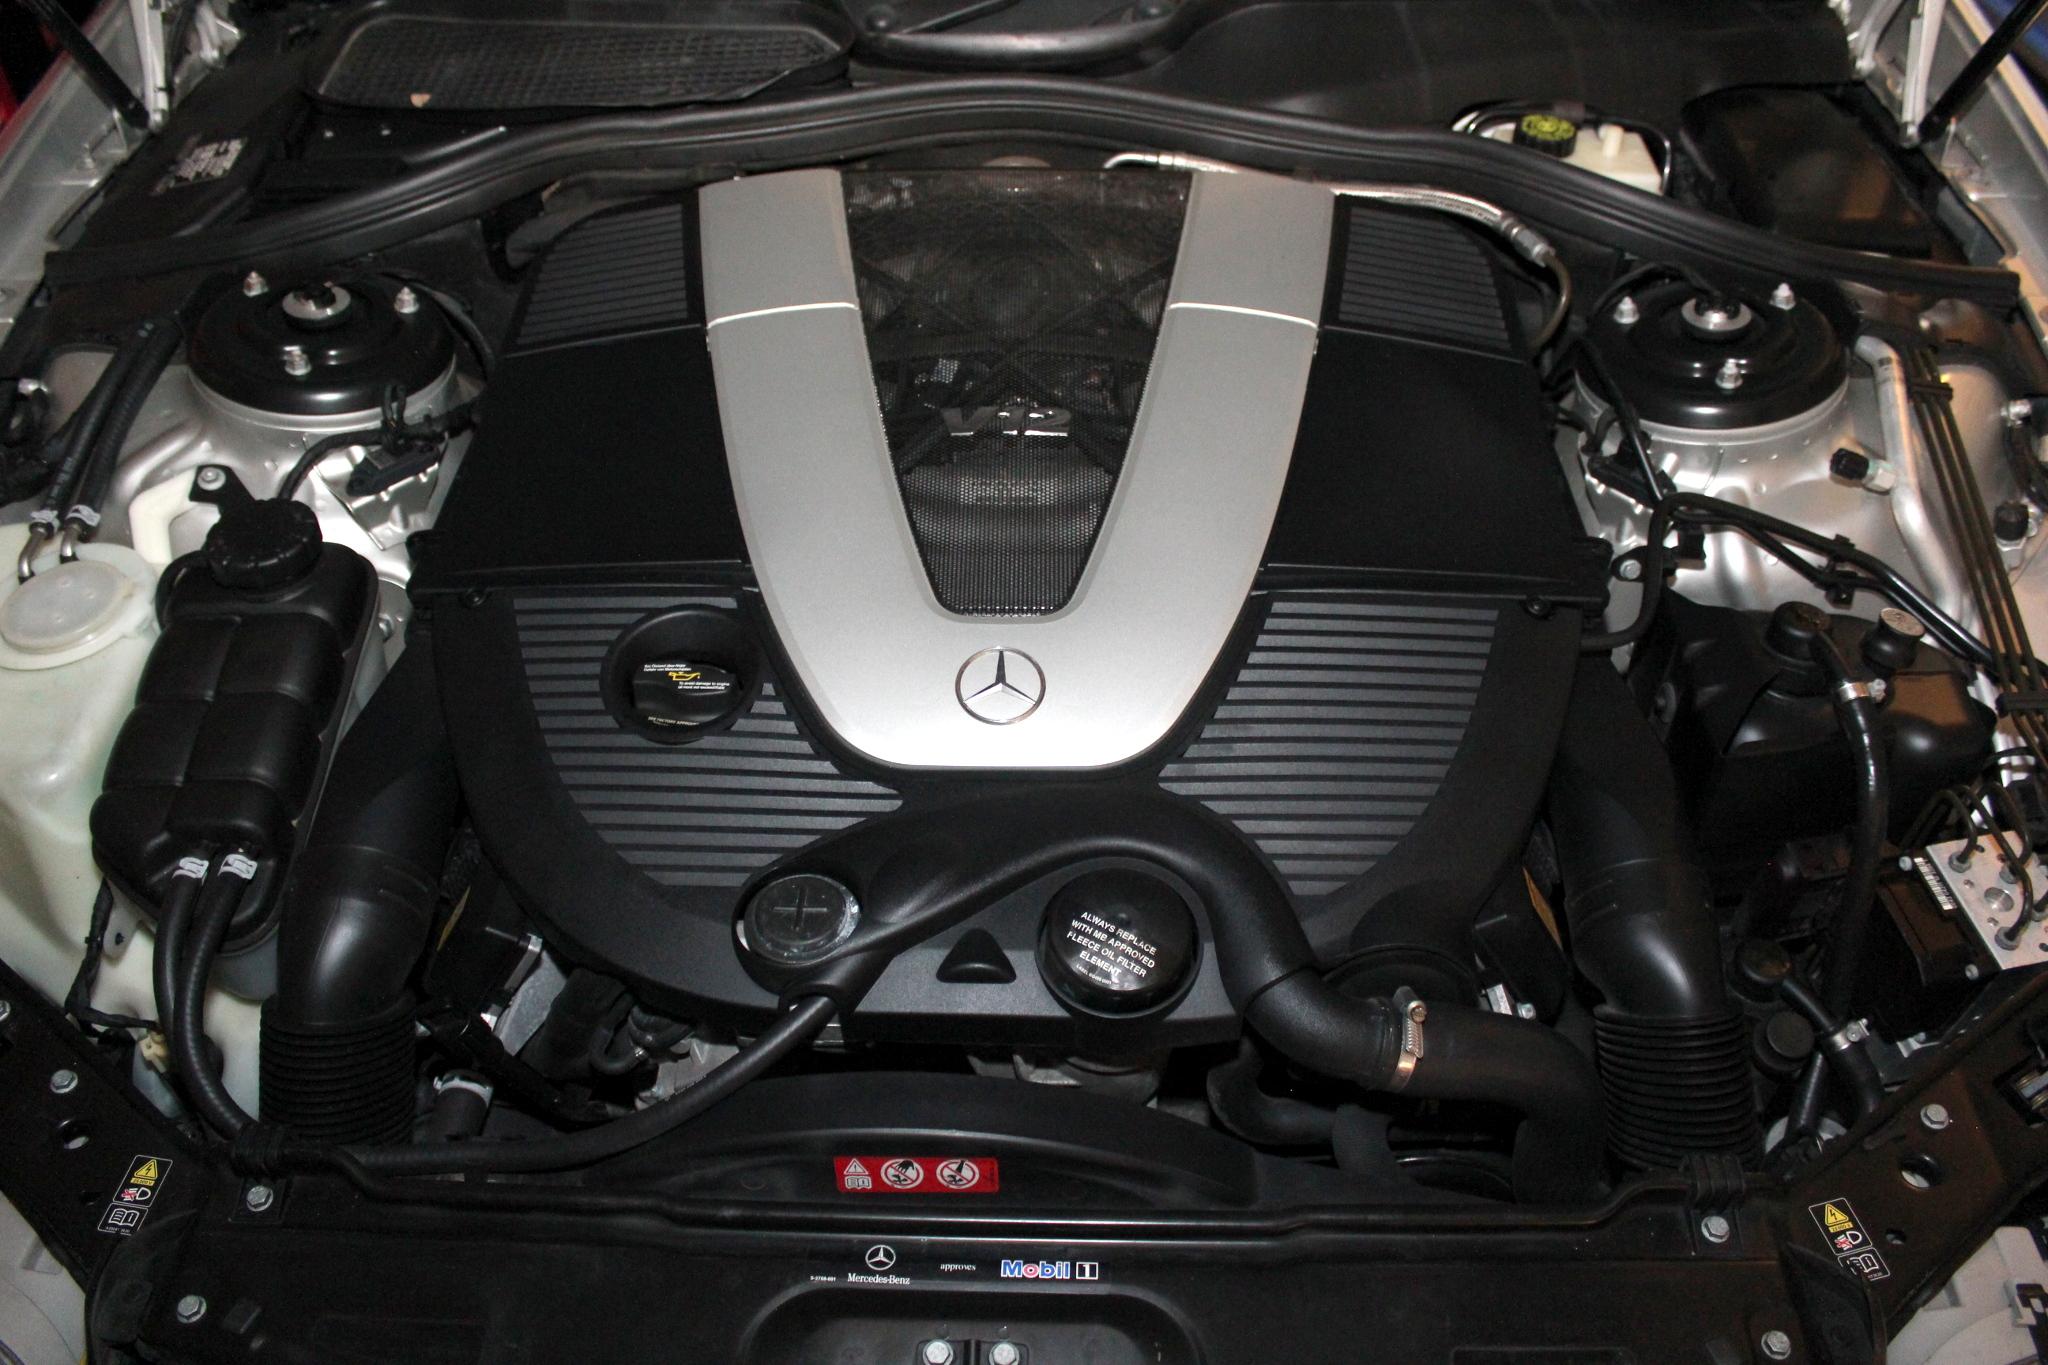 2005 Mercedes Benz Cl600 Fuel Filter Location